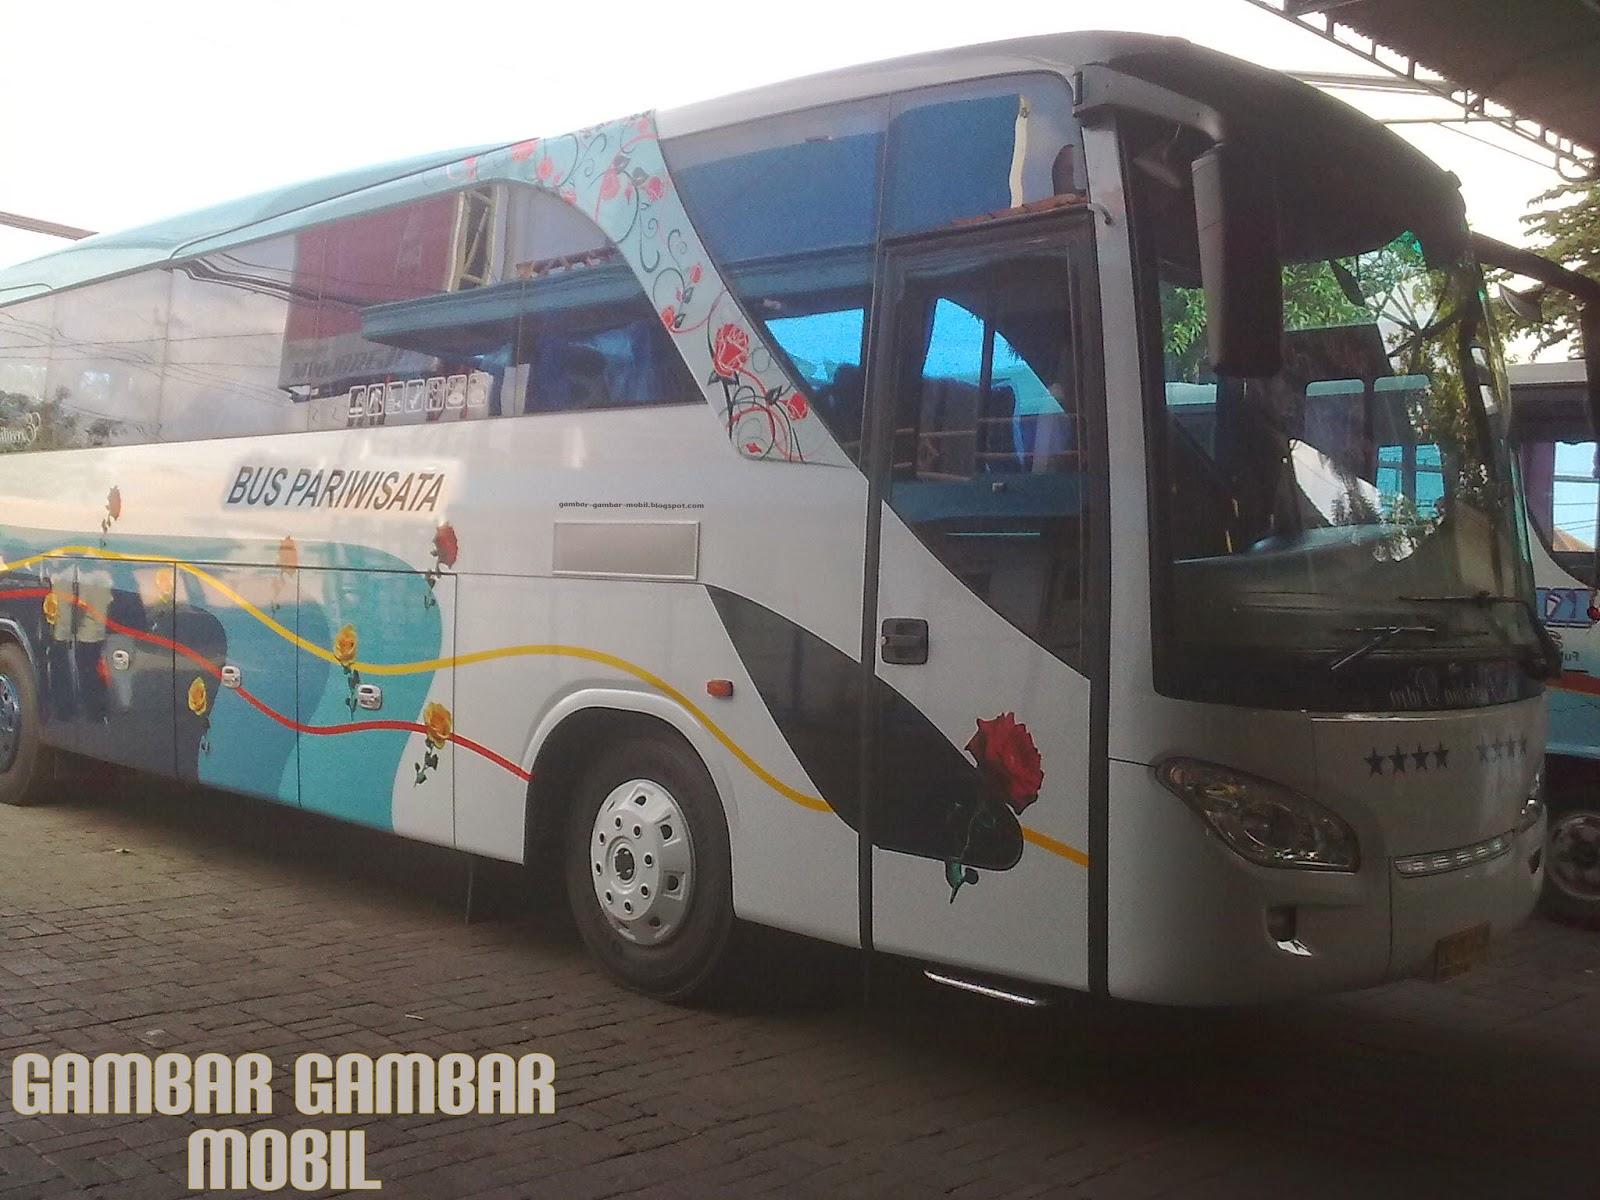 Gambar Mobil Bus Modifikasi Mobil